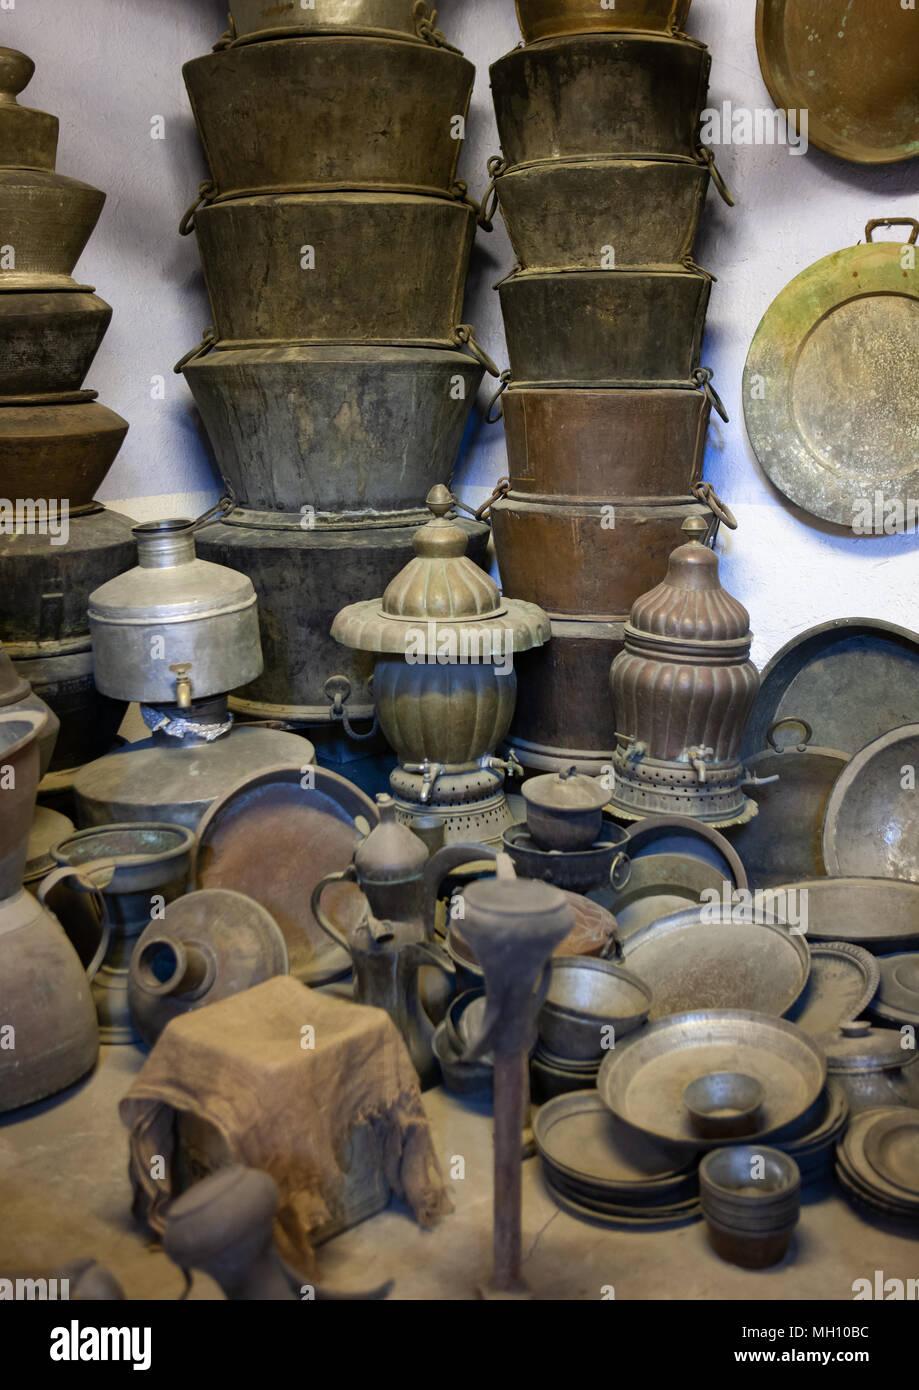 Arabe traditionnelle ustensiles dans un musée, la province, Taif, Arabie Saoudite Photo Stock